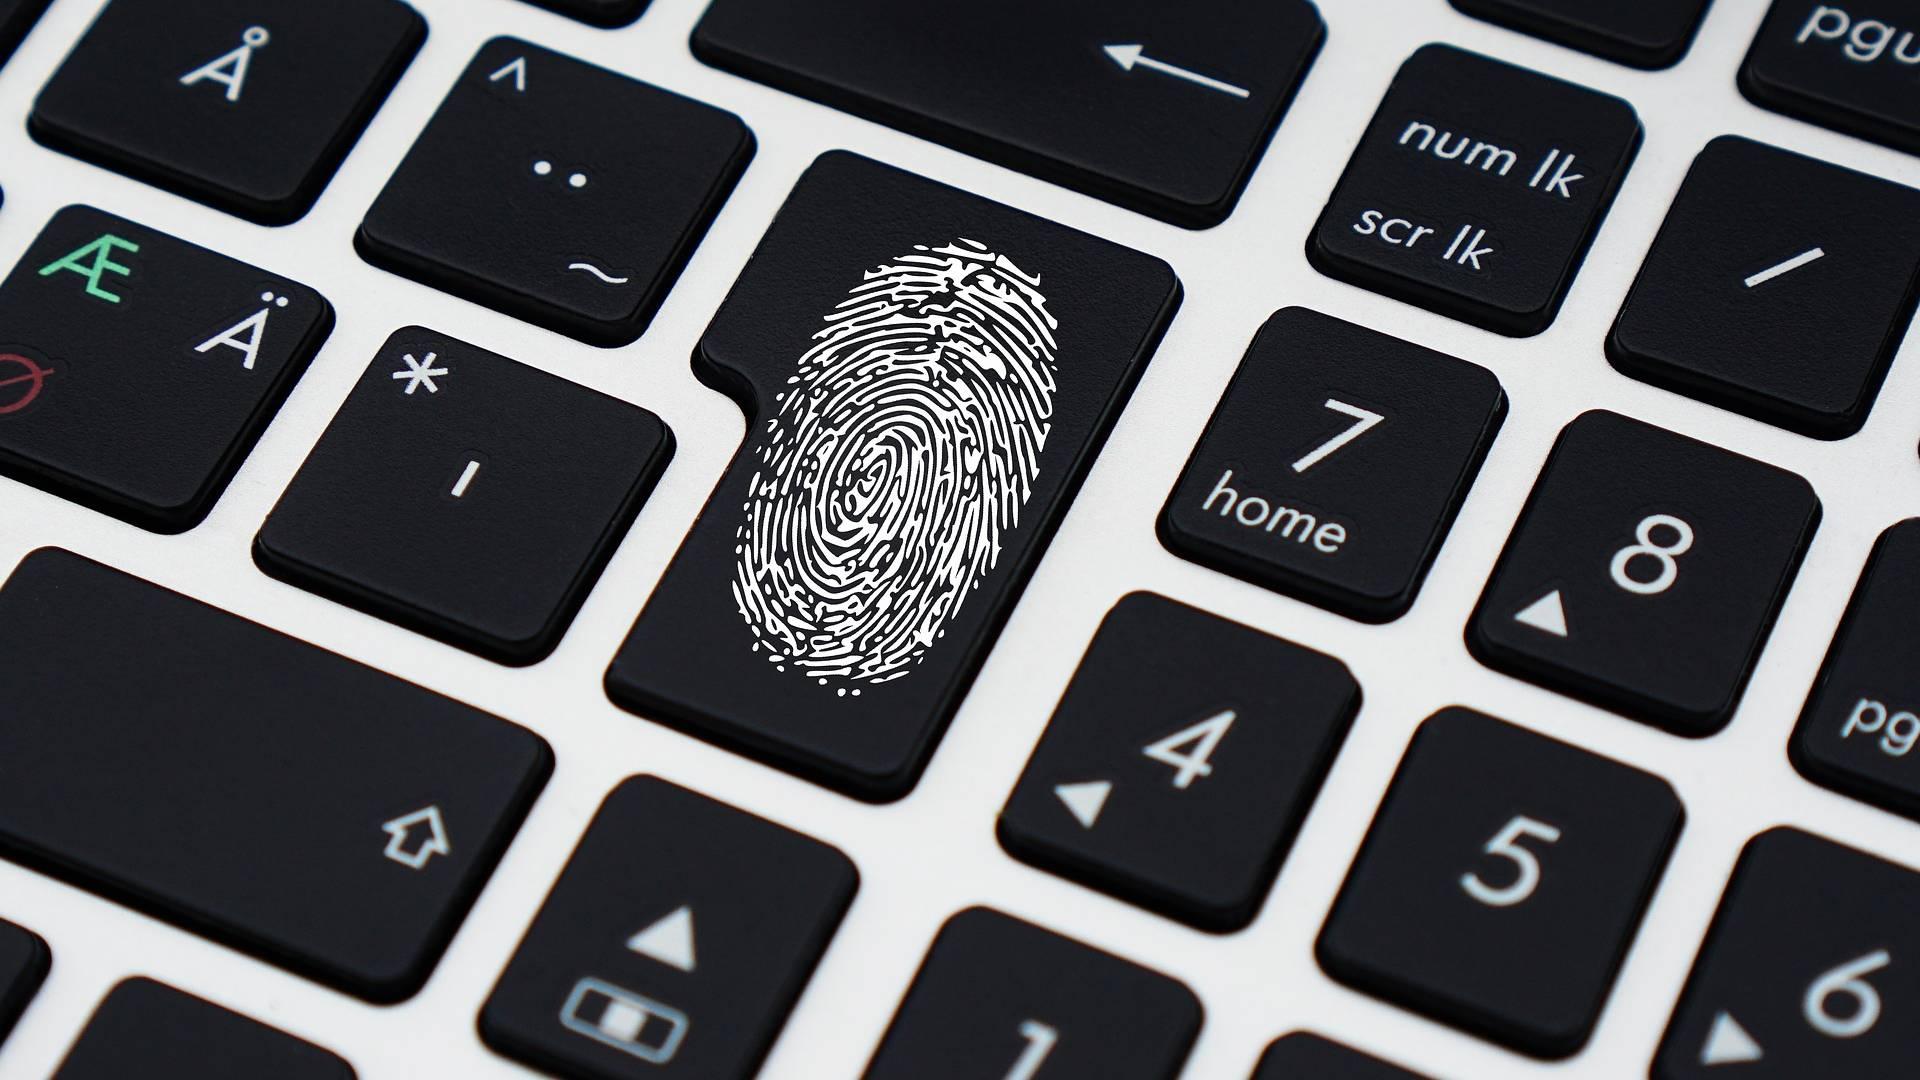 Microsoft kündigt das Ende von Passwörtern an